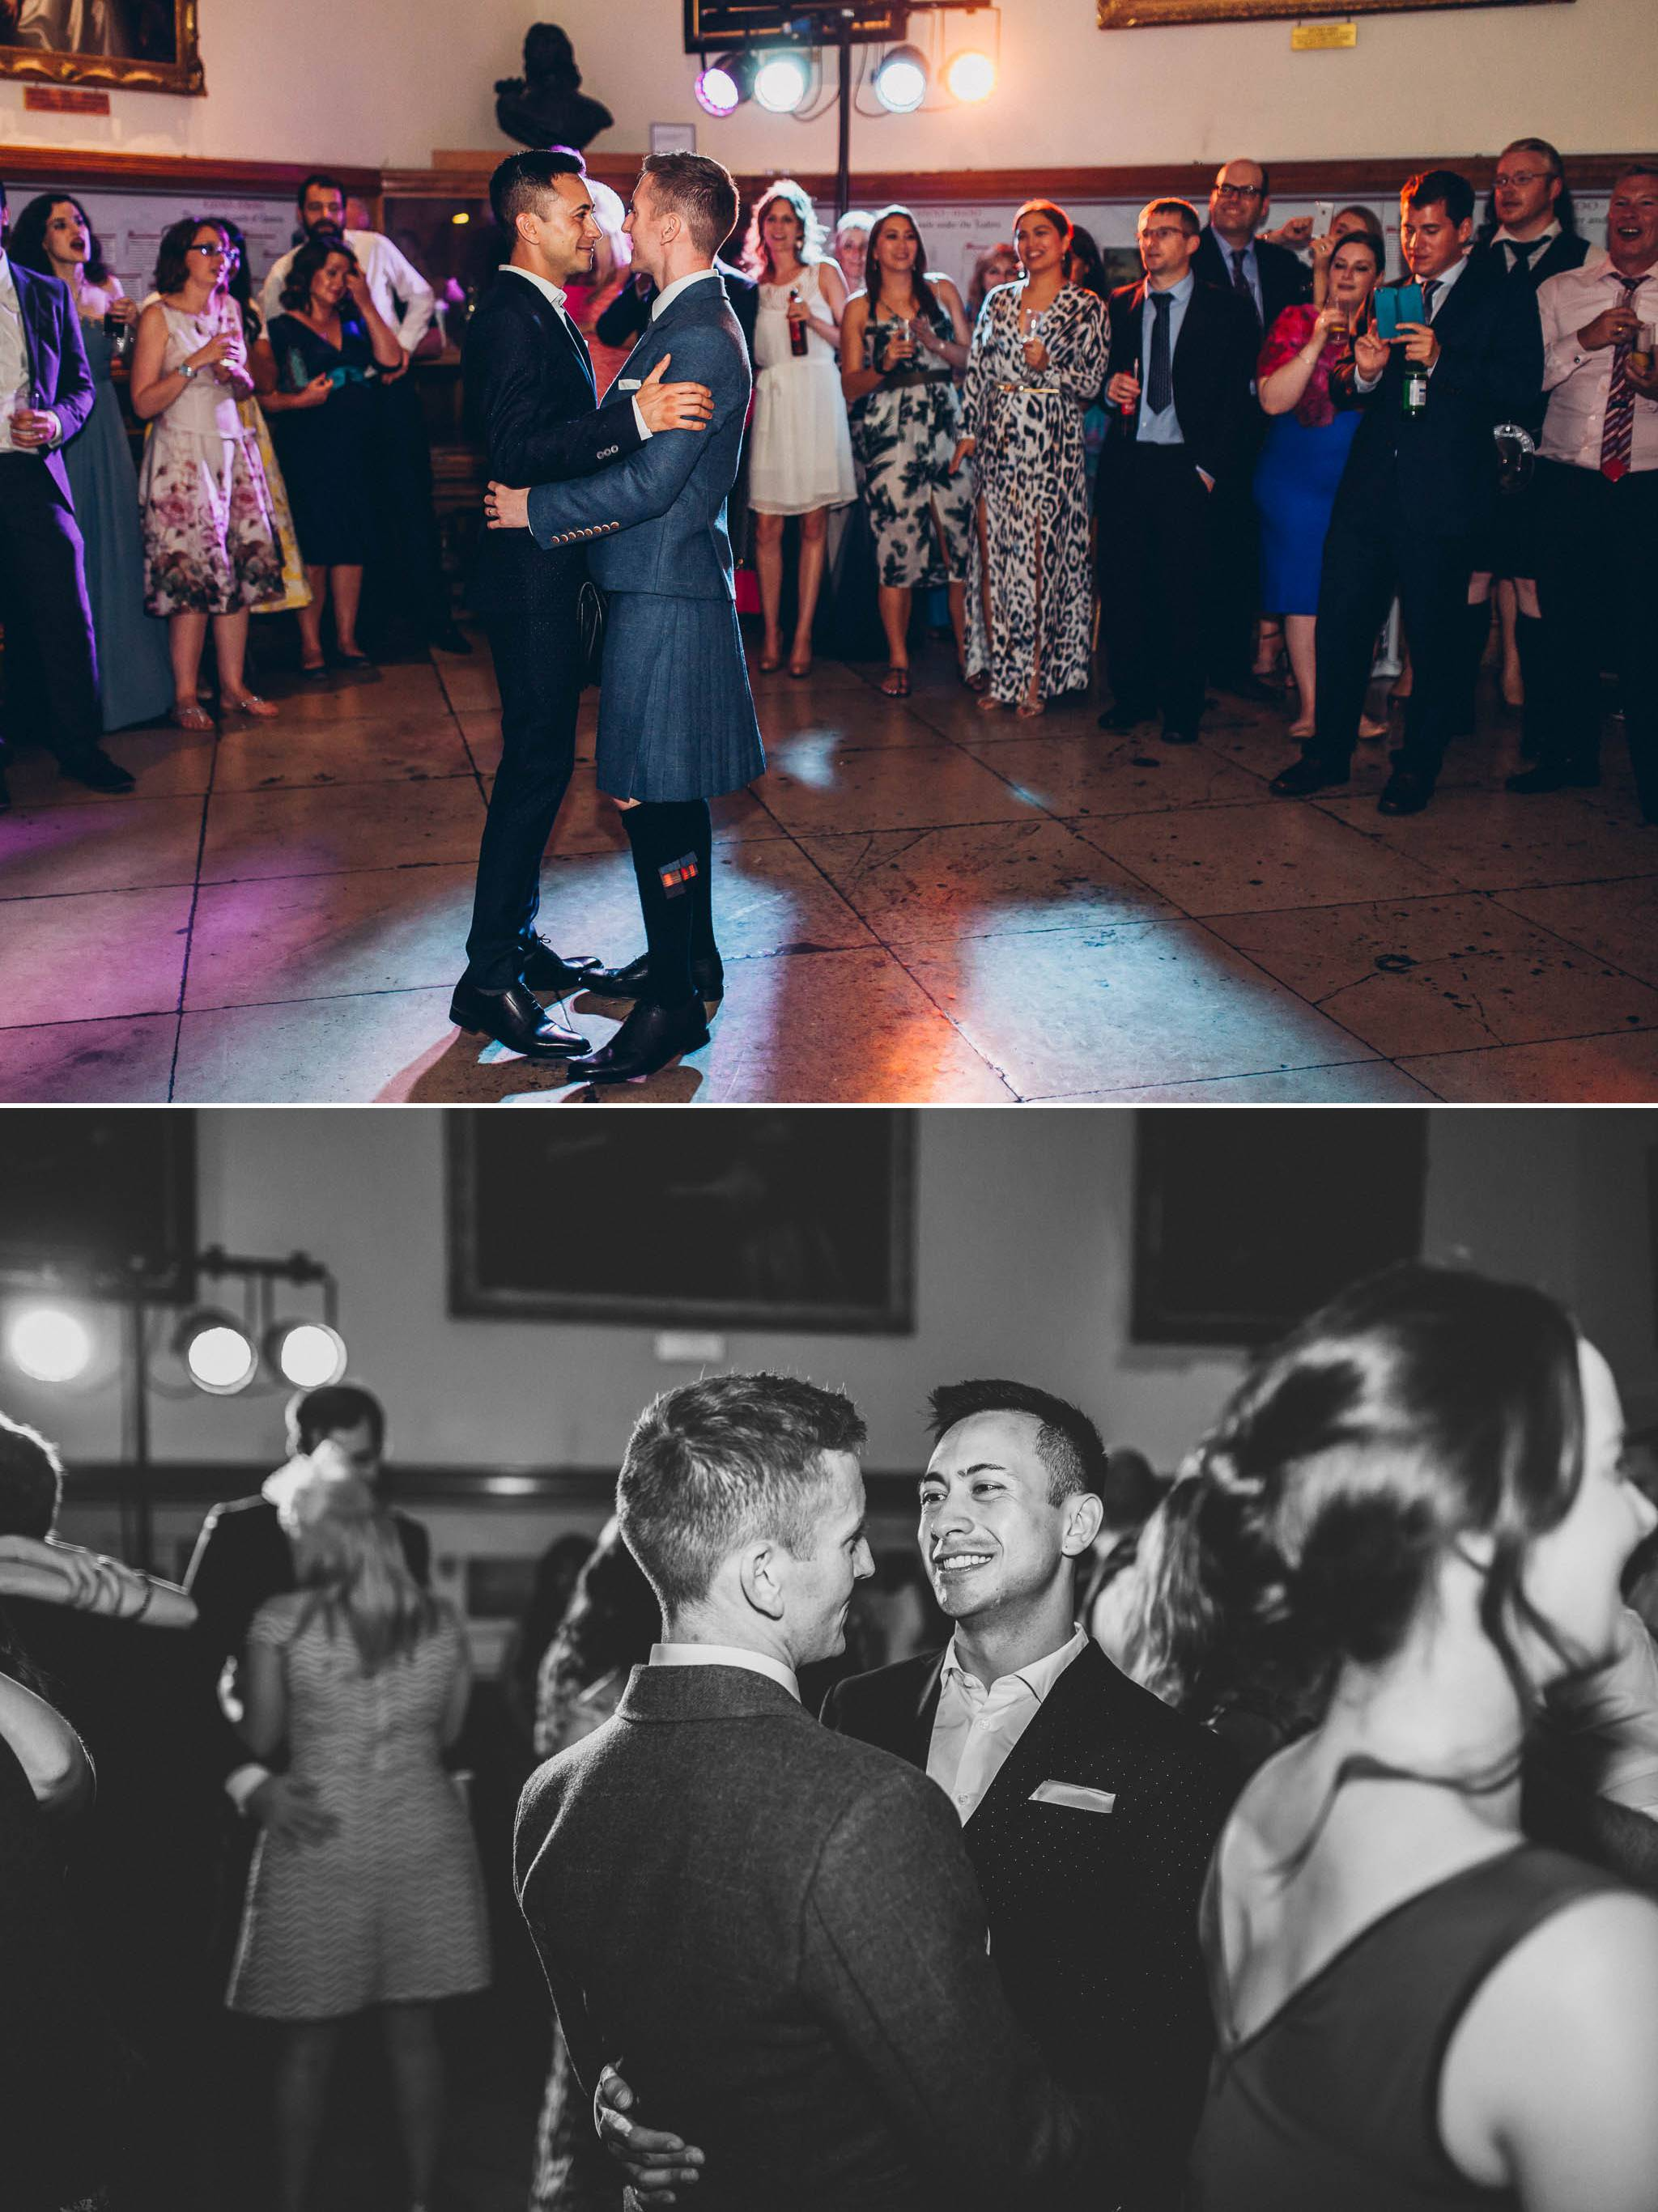 leeds-castle-wedding-photography 39.jpg